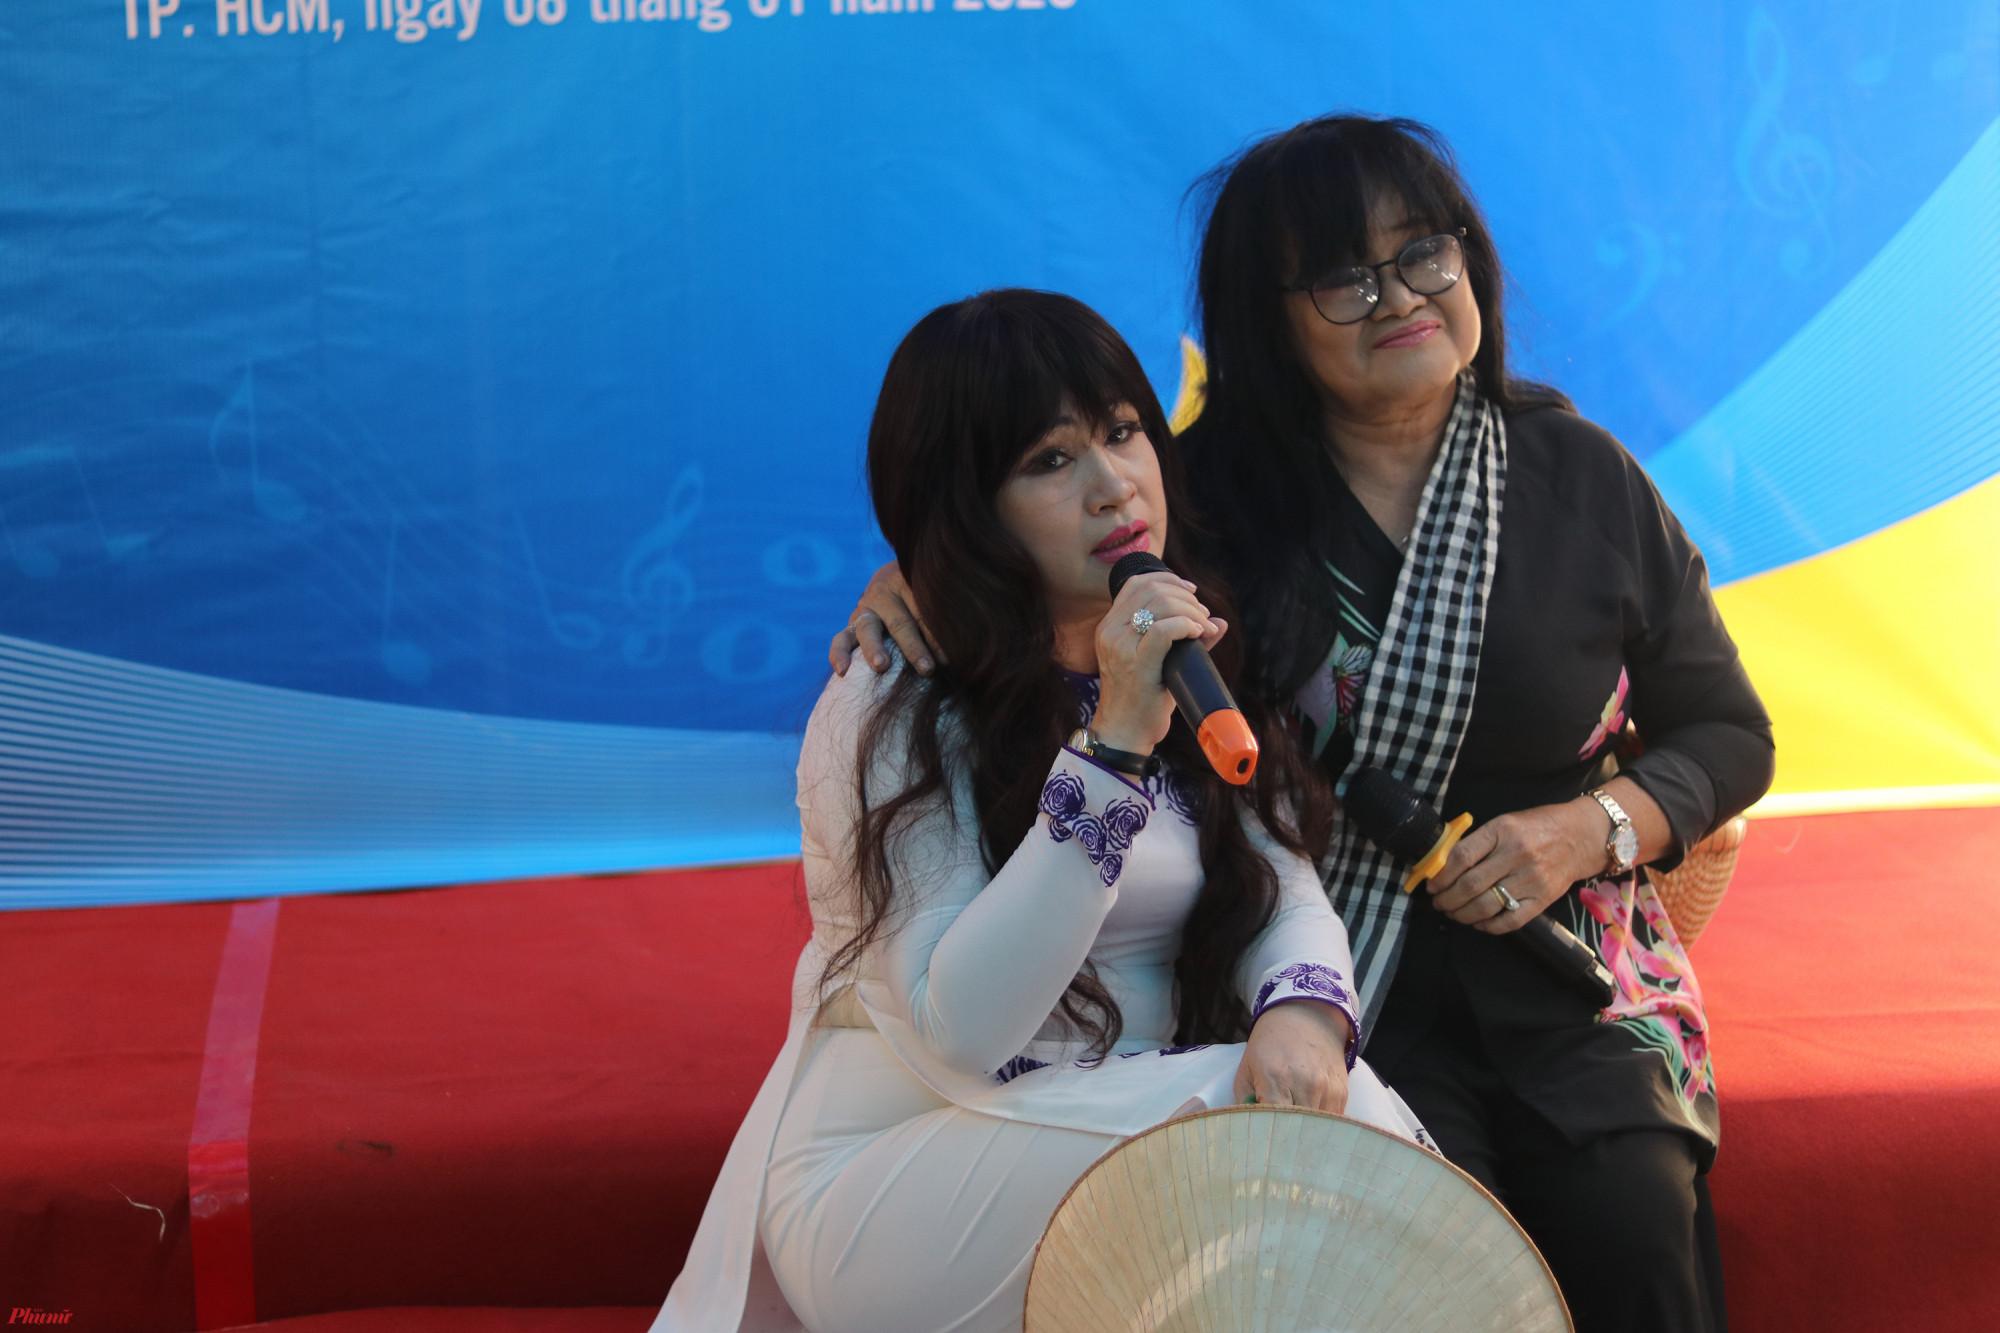 Ca sỉ Bích Thuỷ, Hạ Châu - con gái cố nhac sĩ Bắc Sơn hát phục vụ trong chương trình.